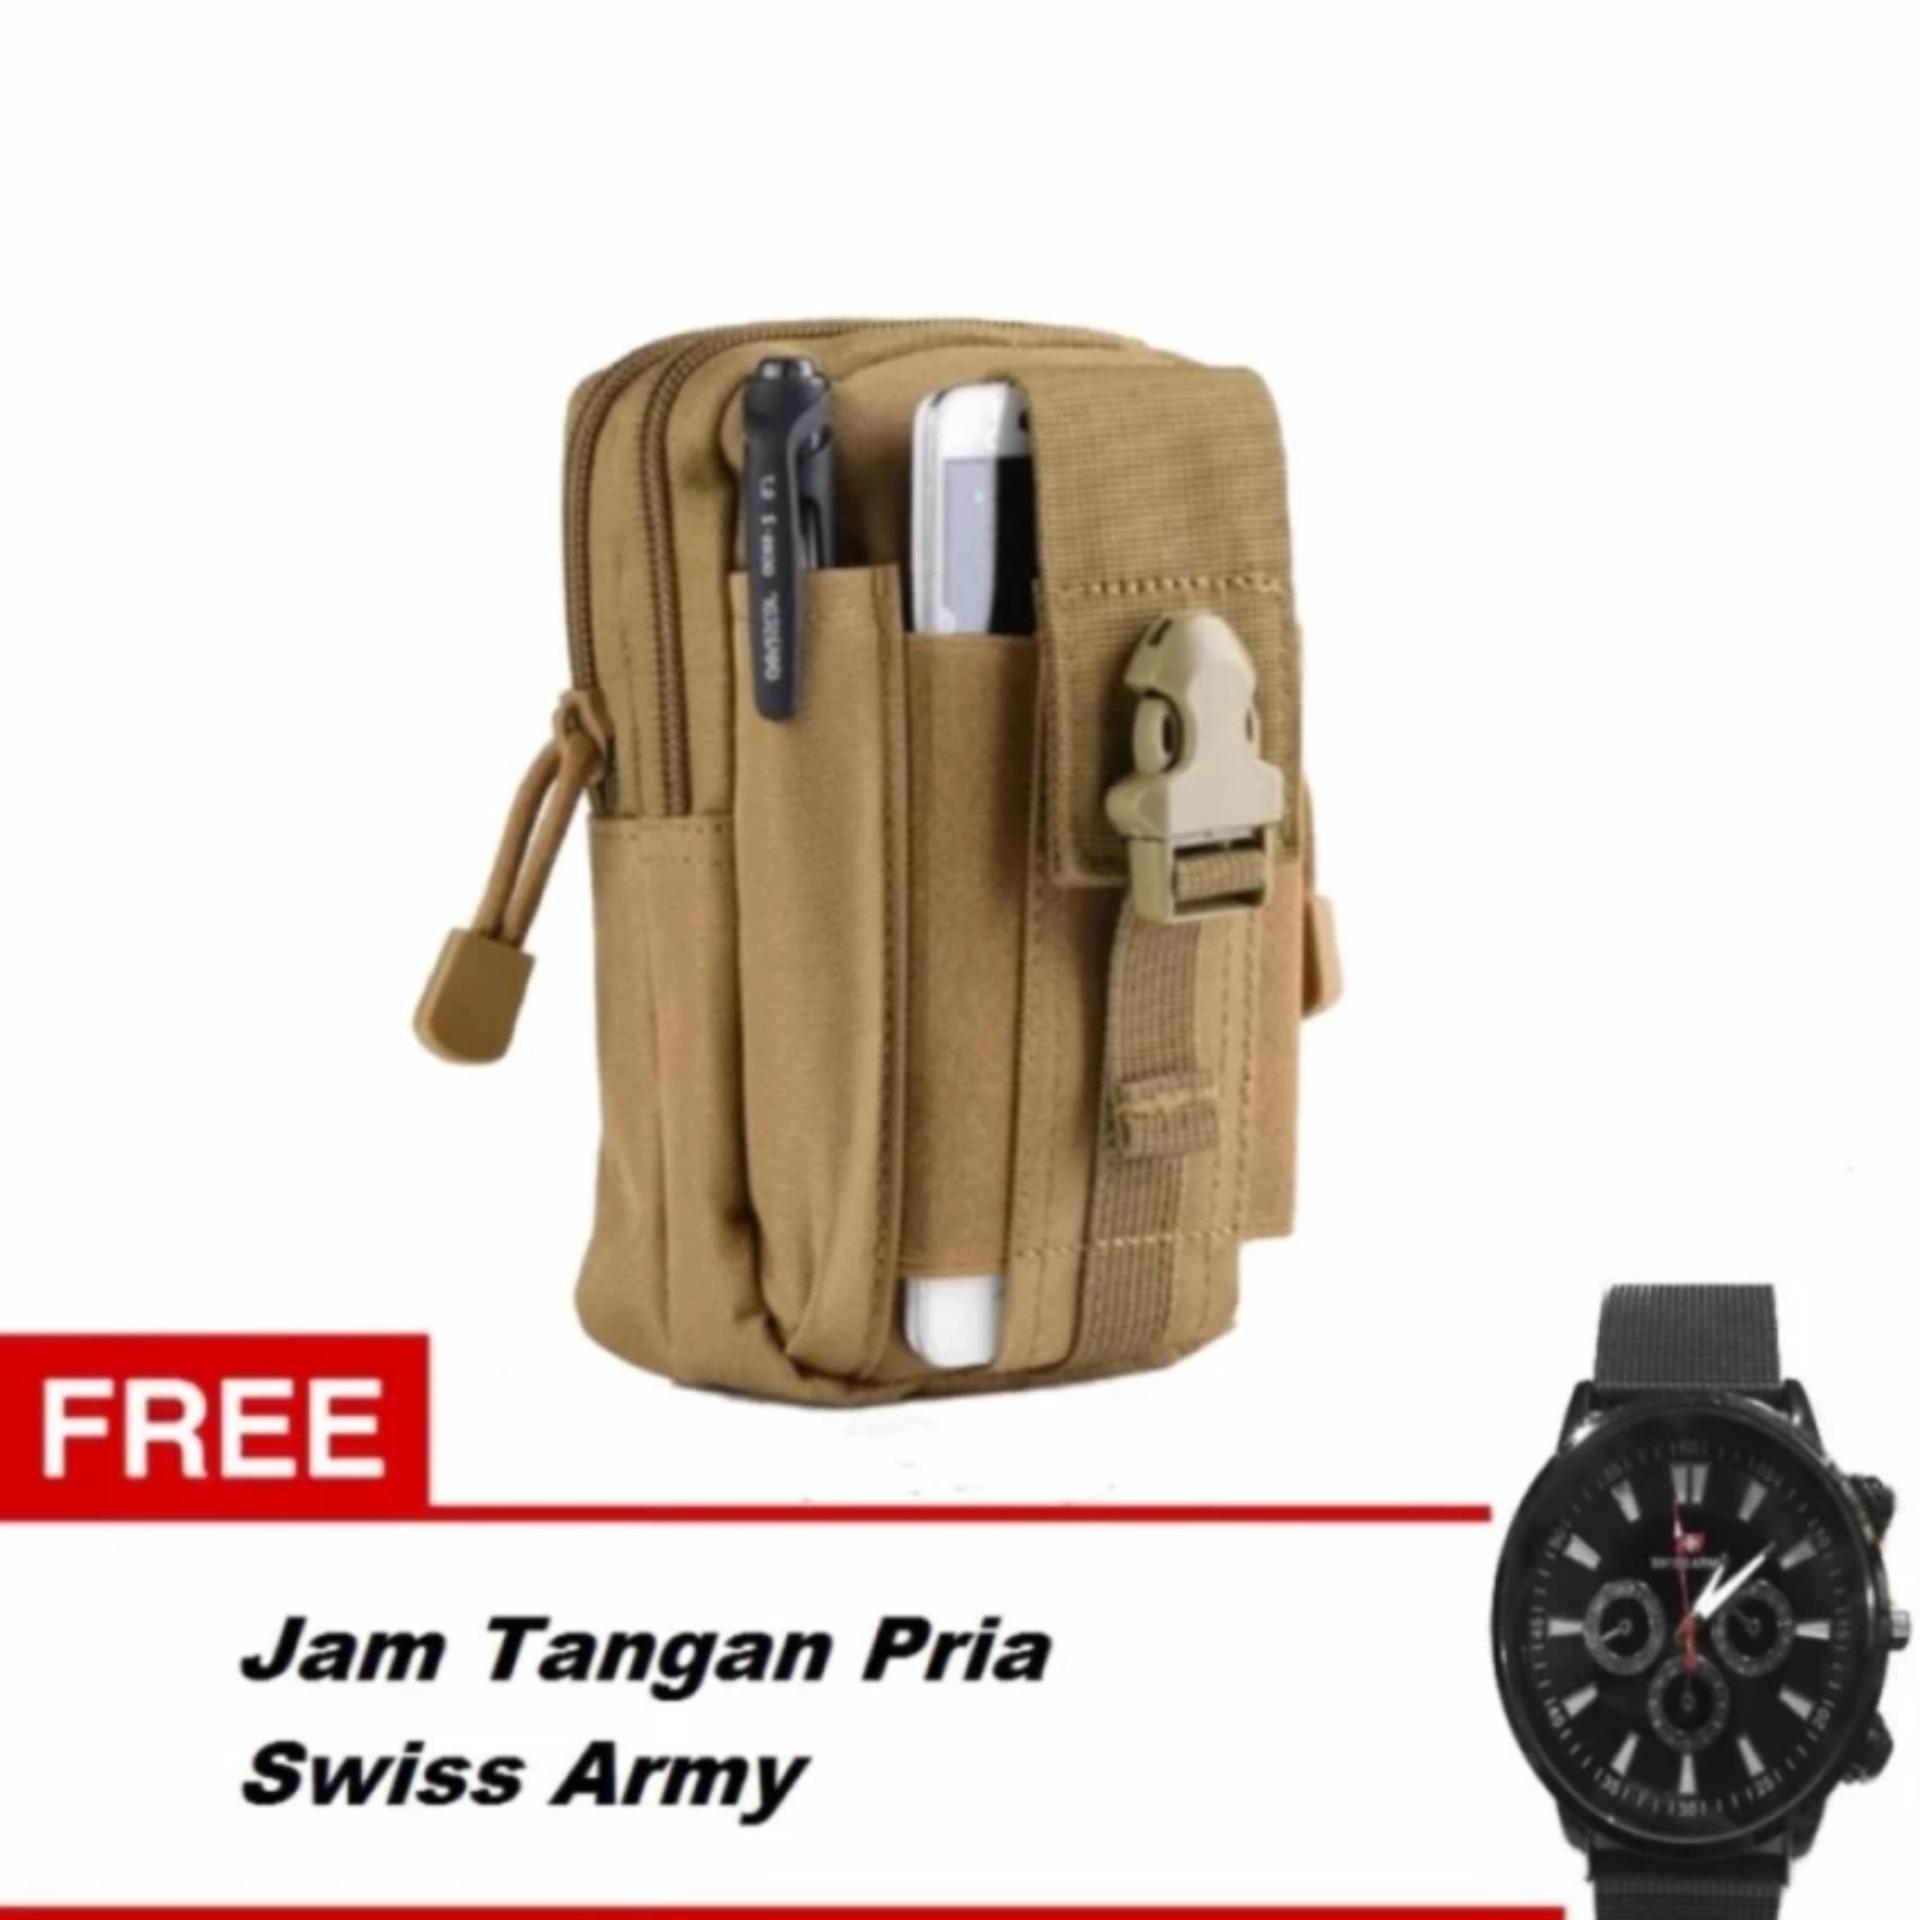 Toko Tas Pinggang Pria Army Tactic Molle Waist Small Bag Military Army Green Gratis Jam Tangan Pria Swiss Army Terdekat